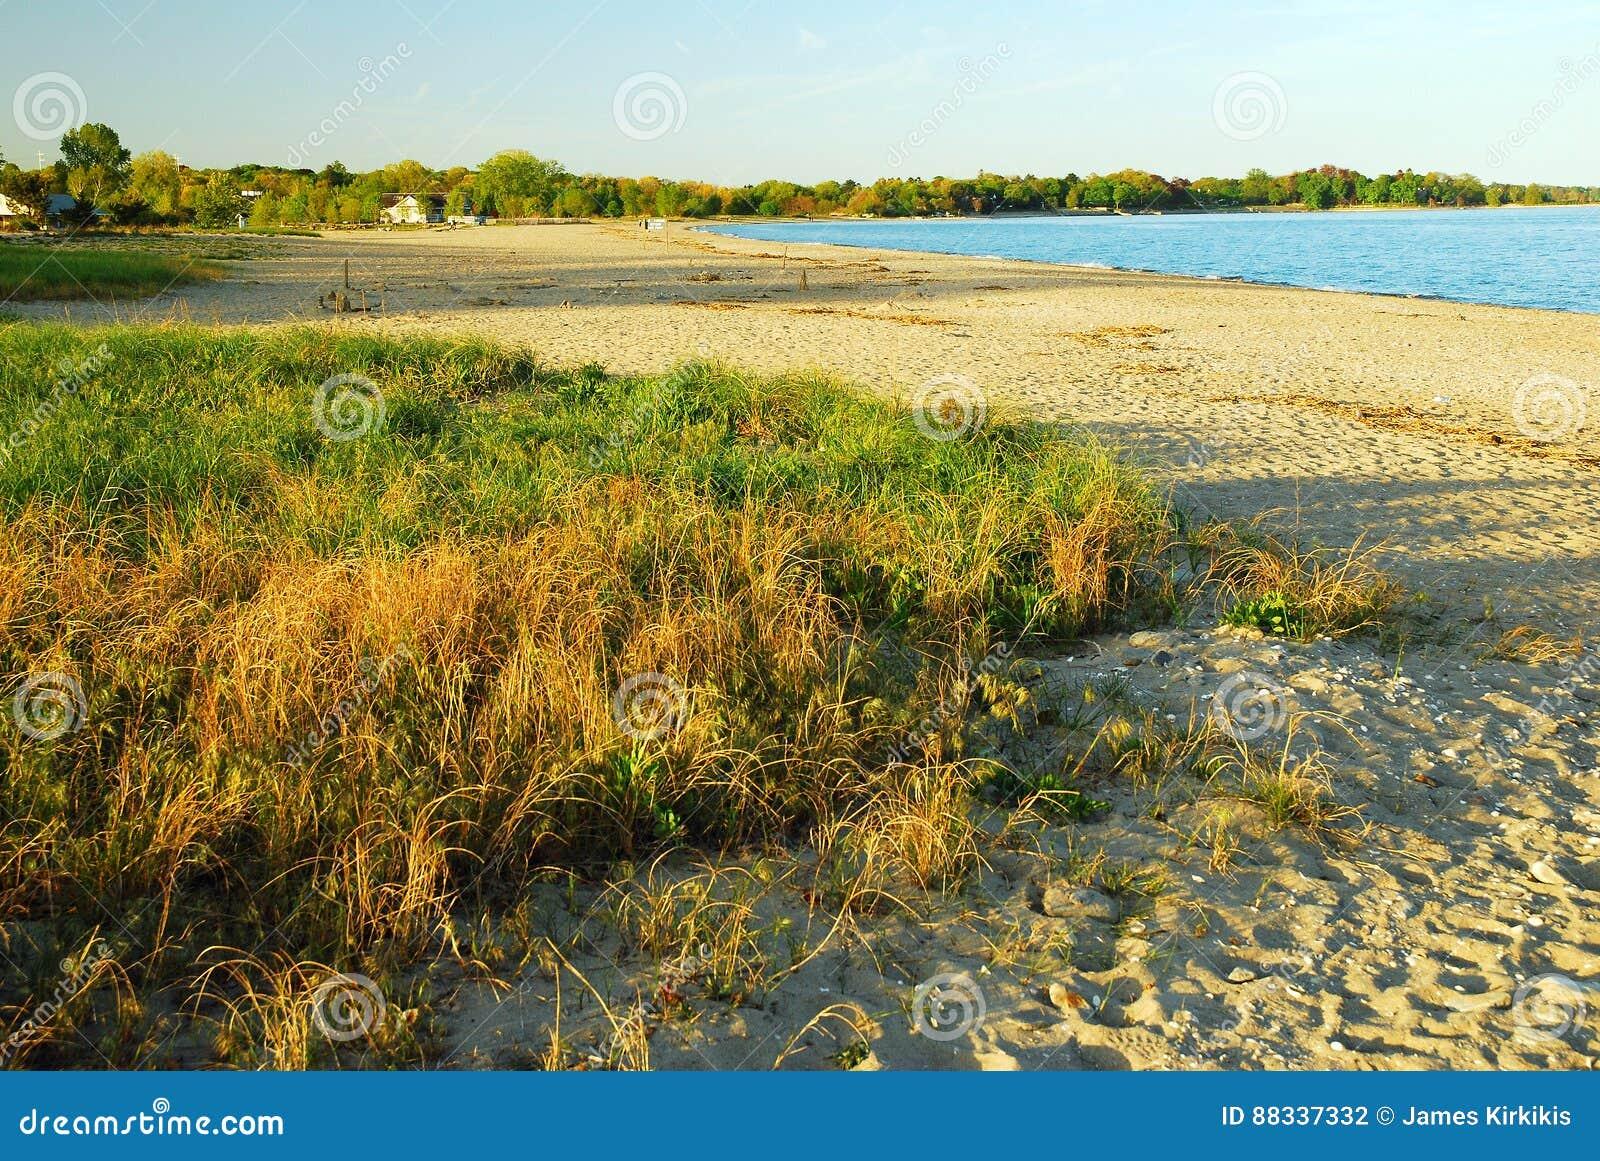 Dessrted Beach